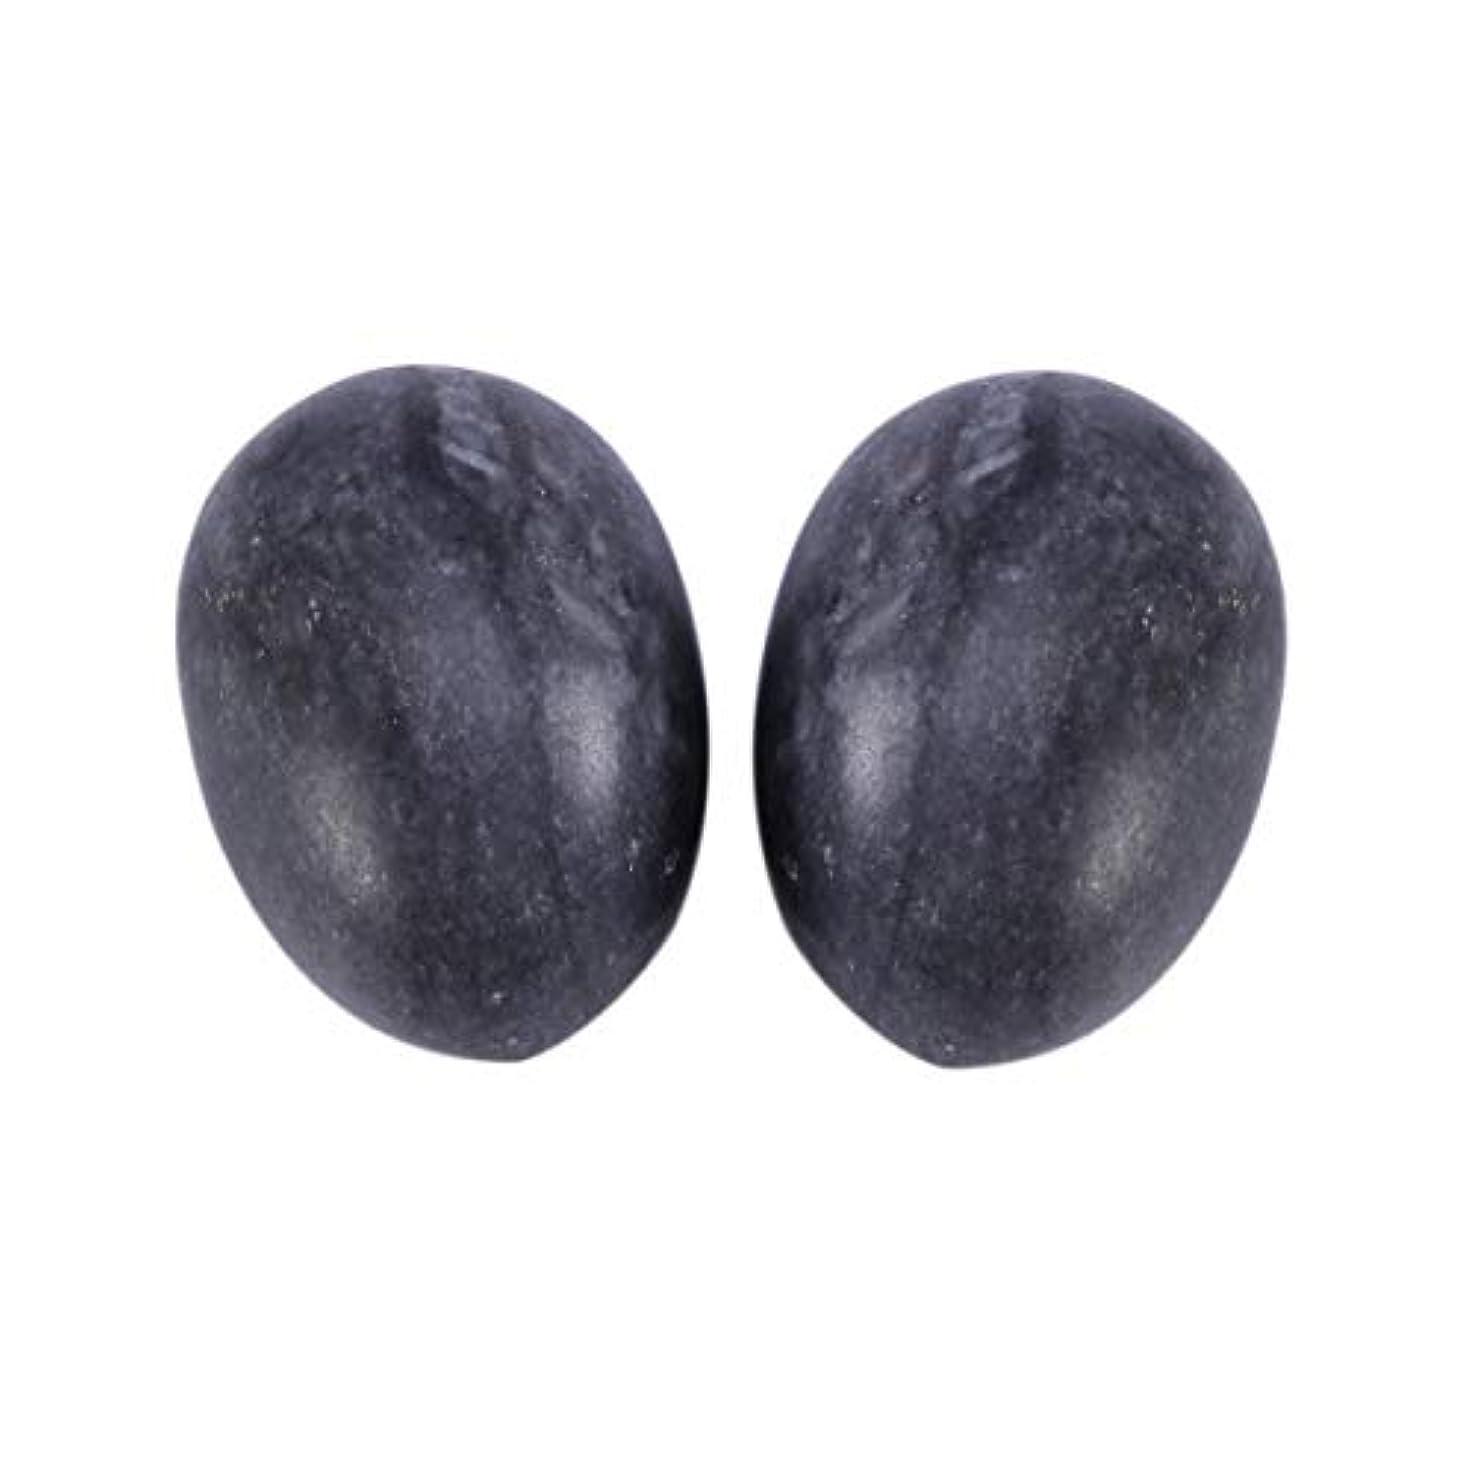 ガイドとティームビュッフェSUPVOX 6本ネフライトジェイドヨニエッグジェイドヨニマッサージストーンチャクラ骨盤筋肉癒しの卵マッサージケゲルエクササイズ(ブラックブルージェイドエッグ)